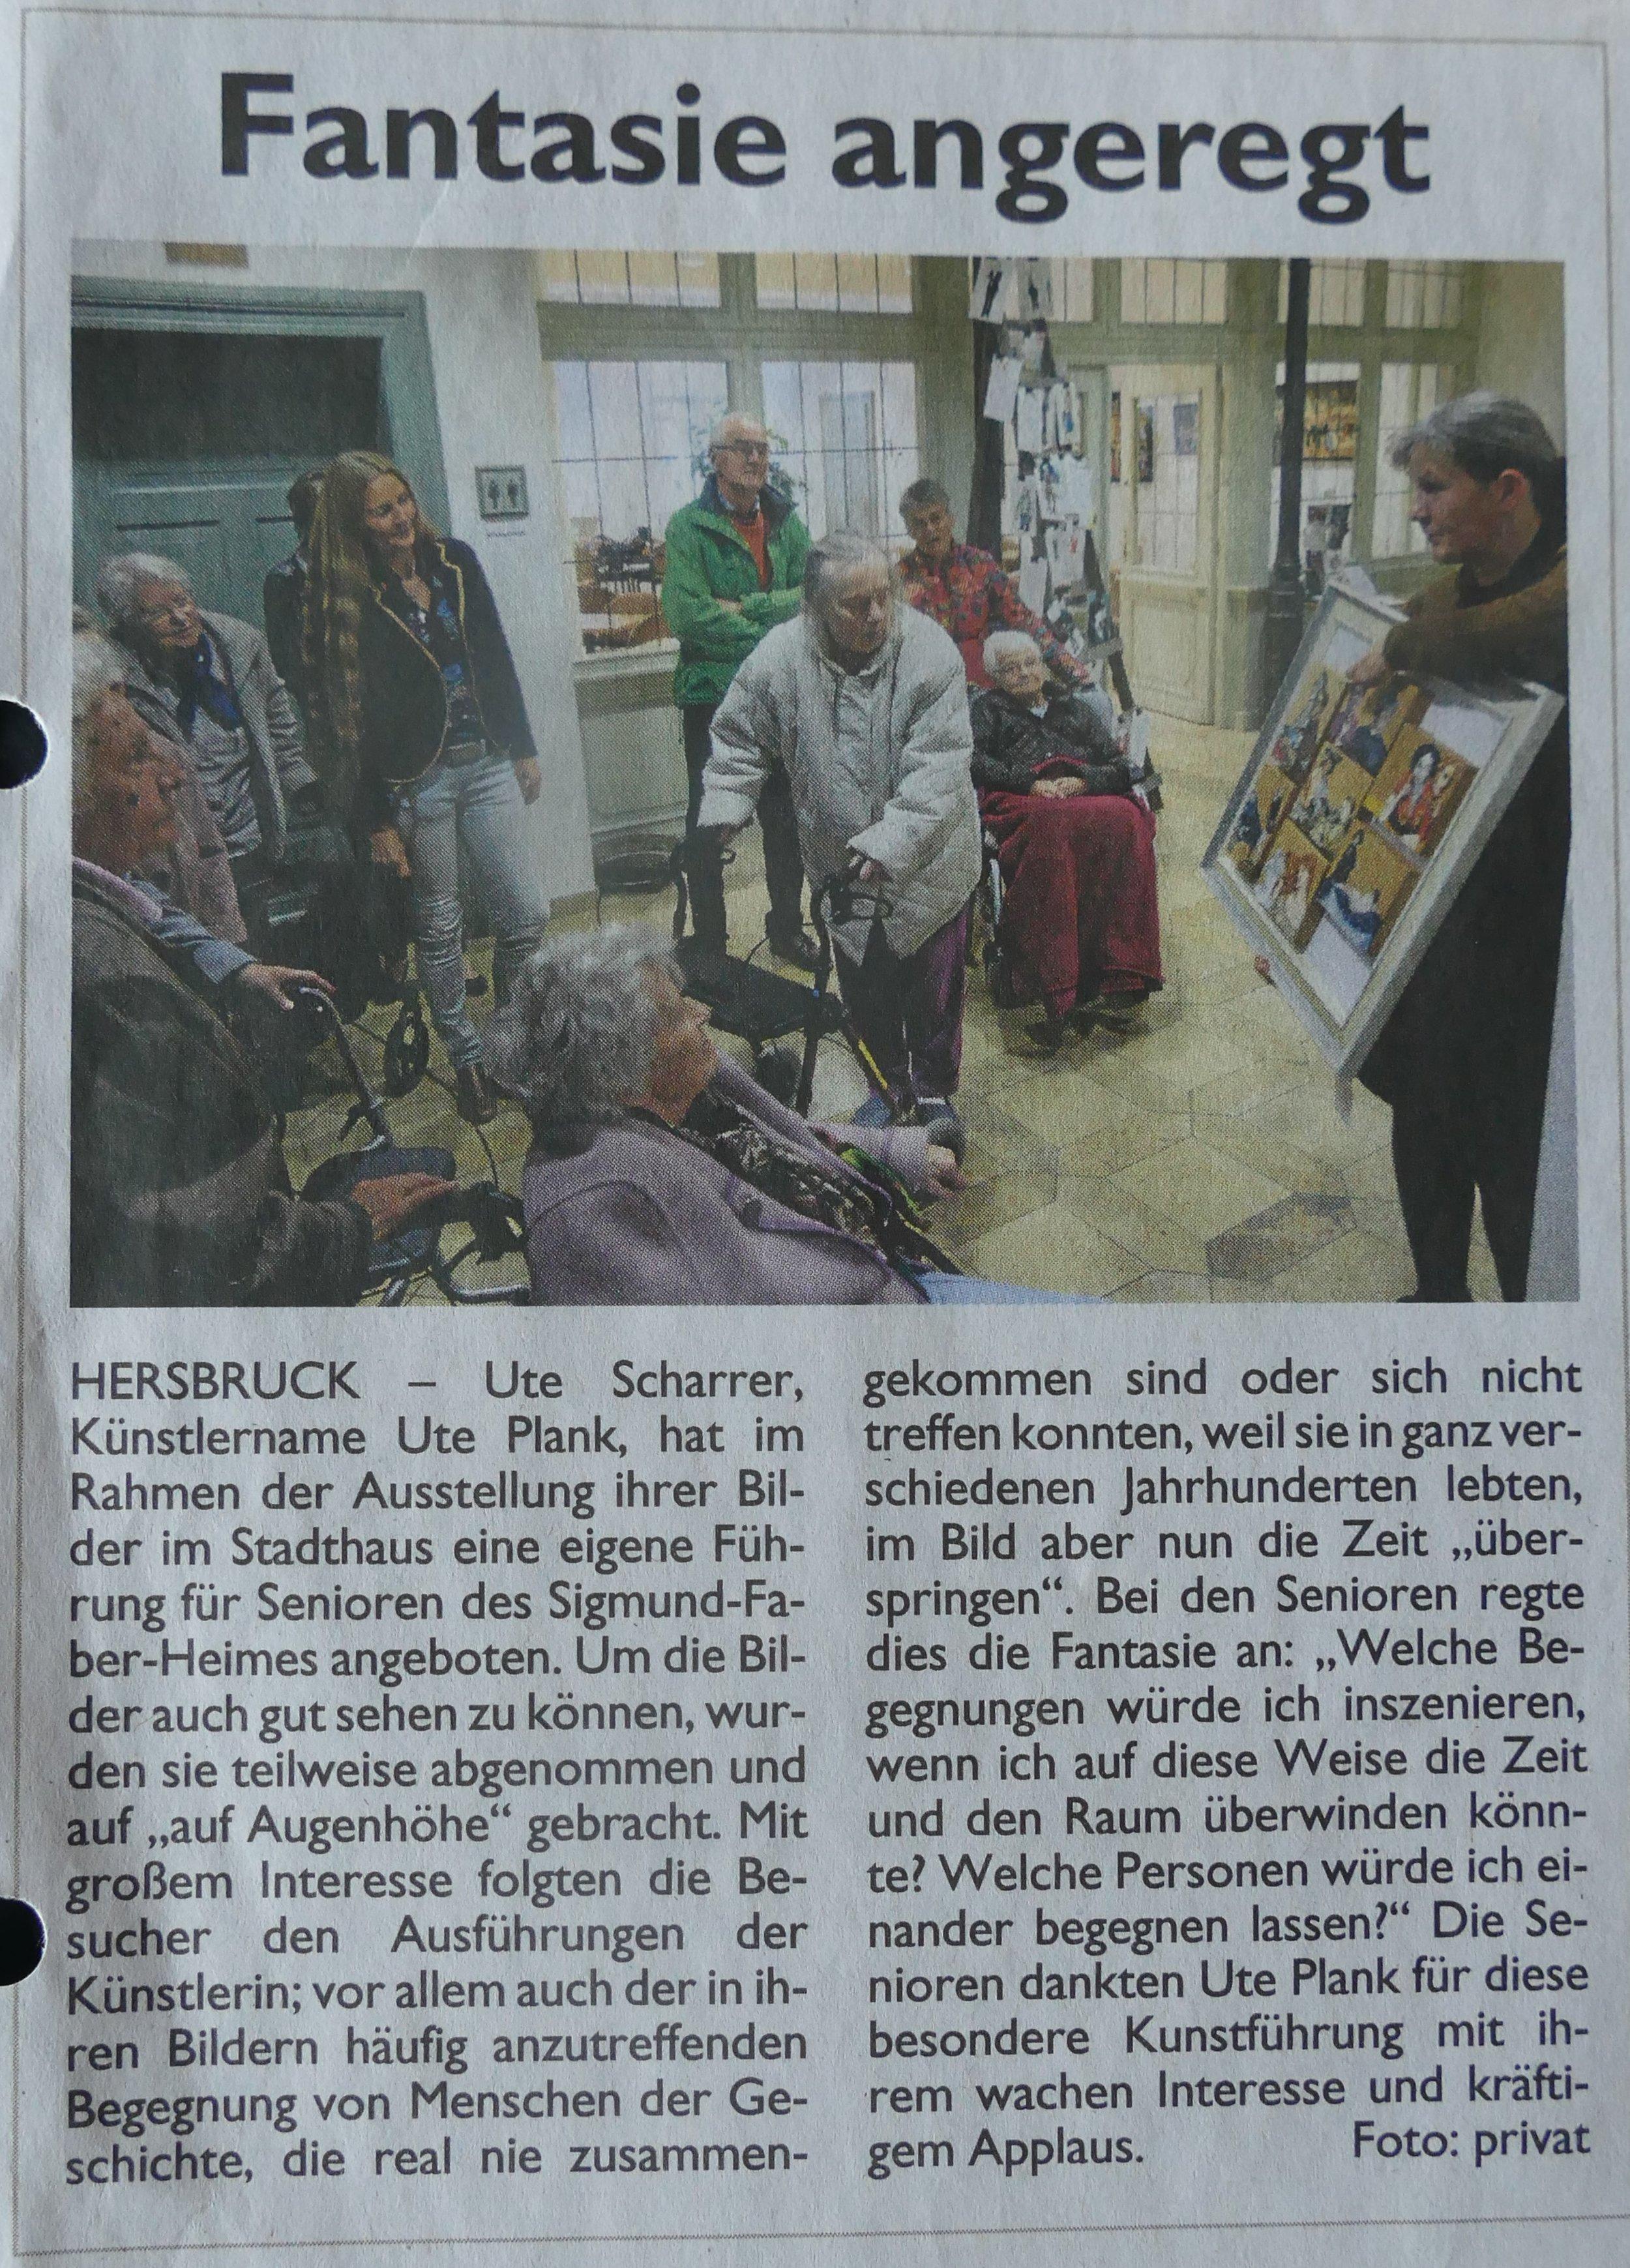 Bericht in der HZ: Dr. Abt,Sigmund-Faber-Heim, Hersbruck